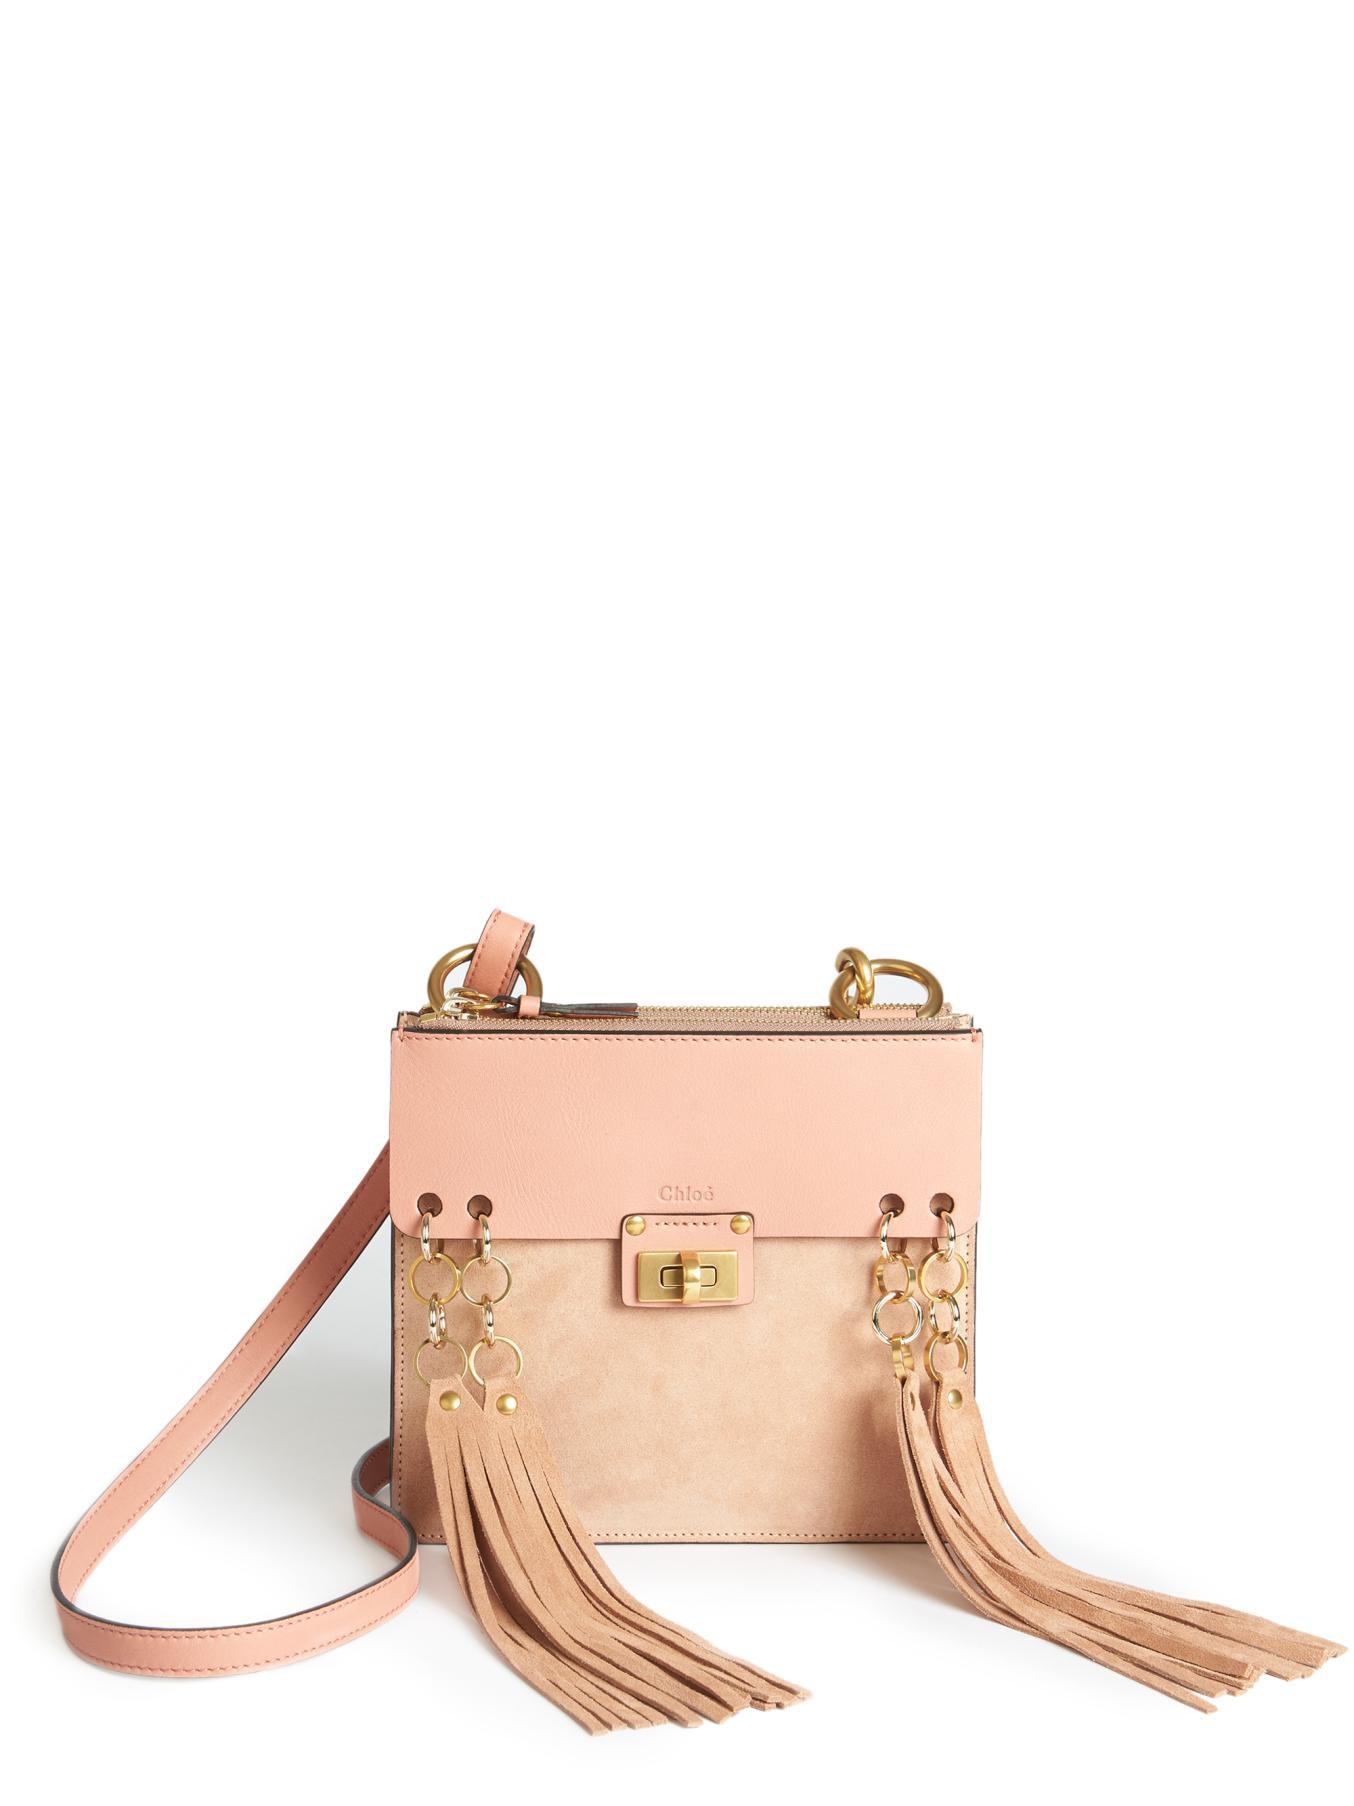 real chloe handbags - Chlo�� Chlo�� Jane Shoulder Bag in Beige (NUDE/NEUTRALS) | Lyst